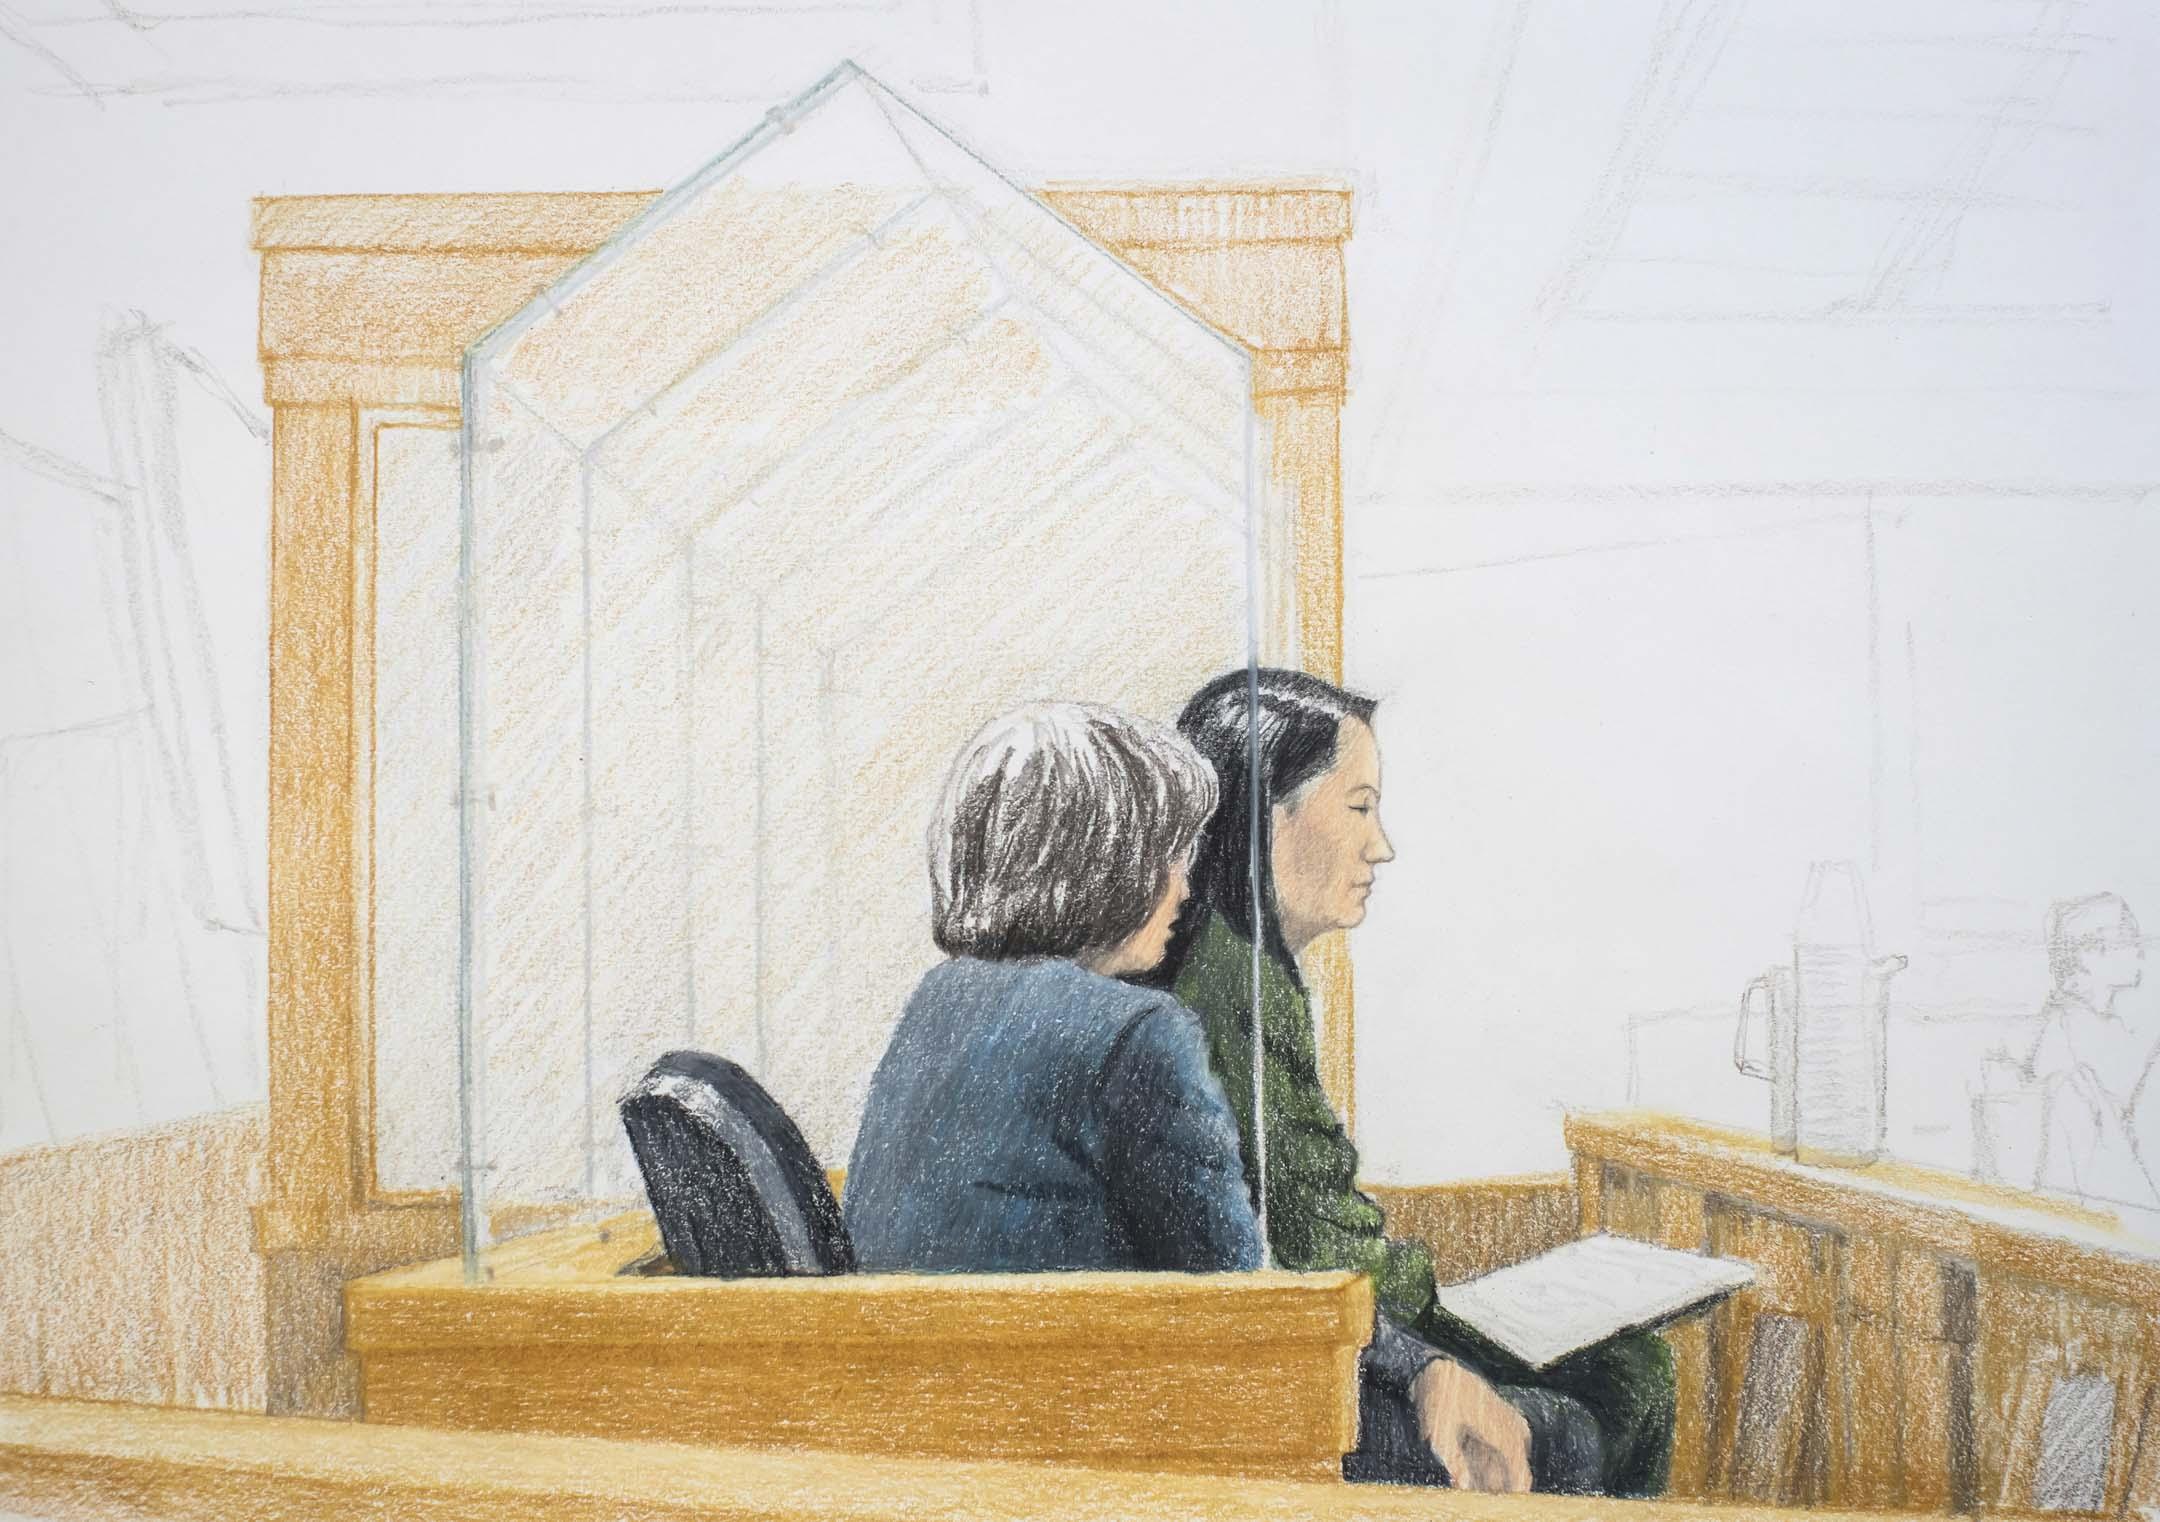 當地時間2018年12月7日,加拿大司法部對孟晚舟進行保釋聽證,圖為聽證會上身著深綠色毛衣套裝的孟晚舟(右)。